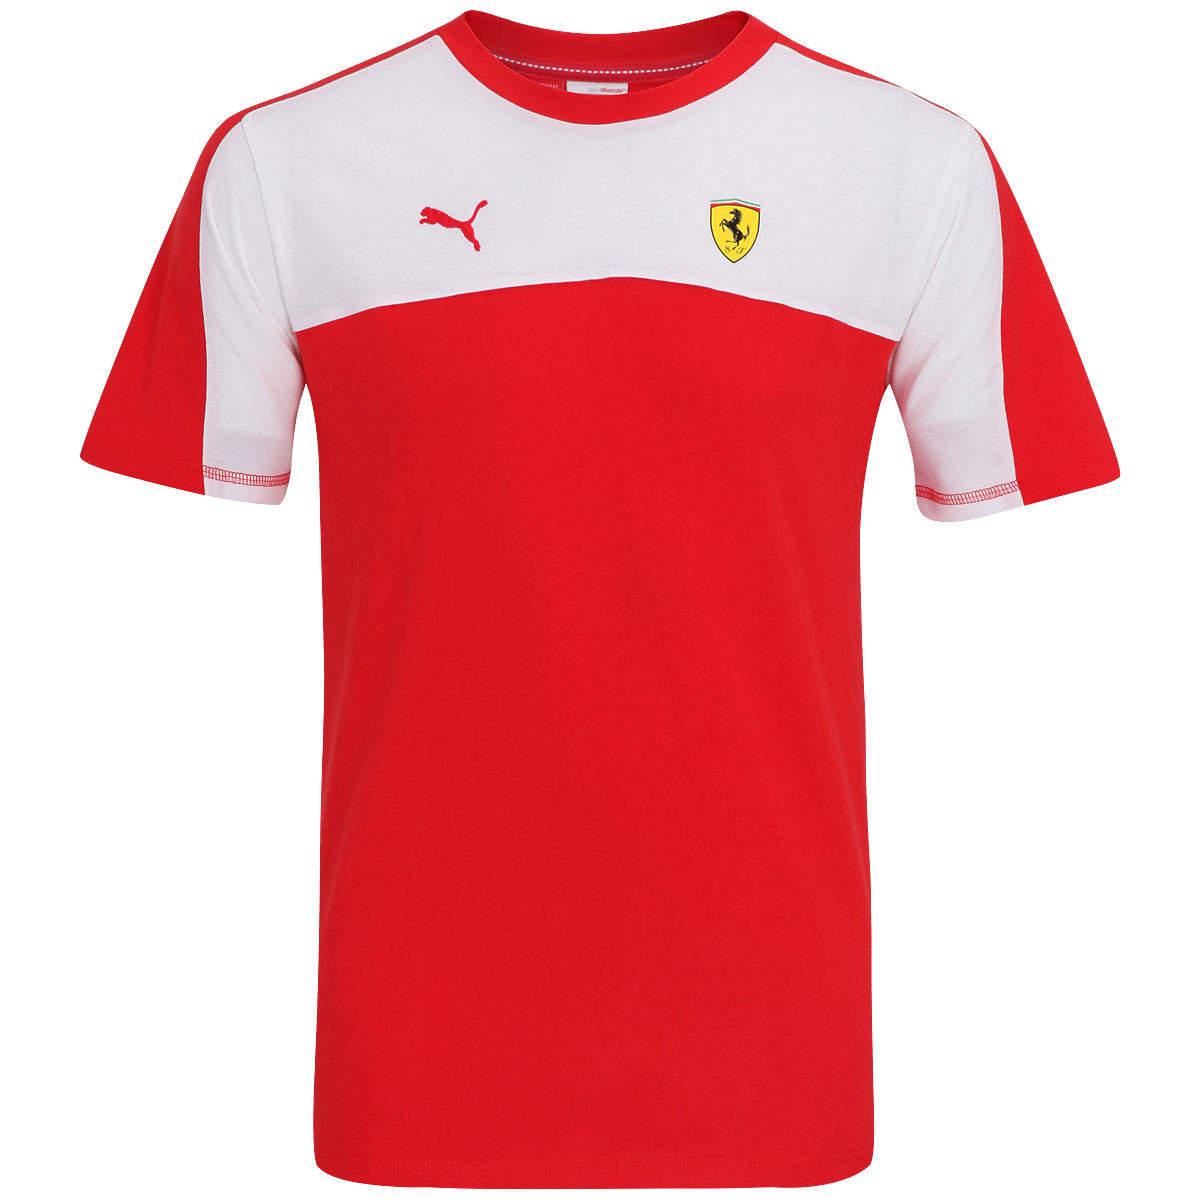 9659c61e9a Camisa Puma Scuderia Ferrari - Masculina - Camarote do Torcedor